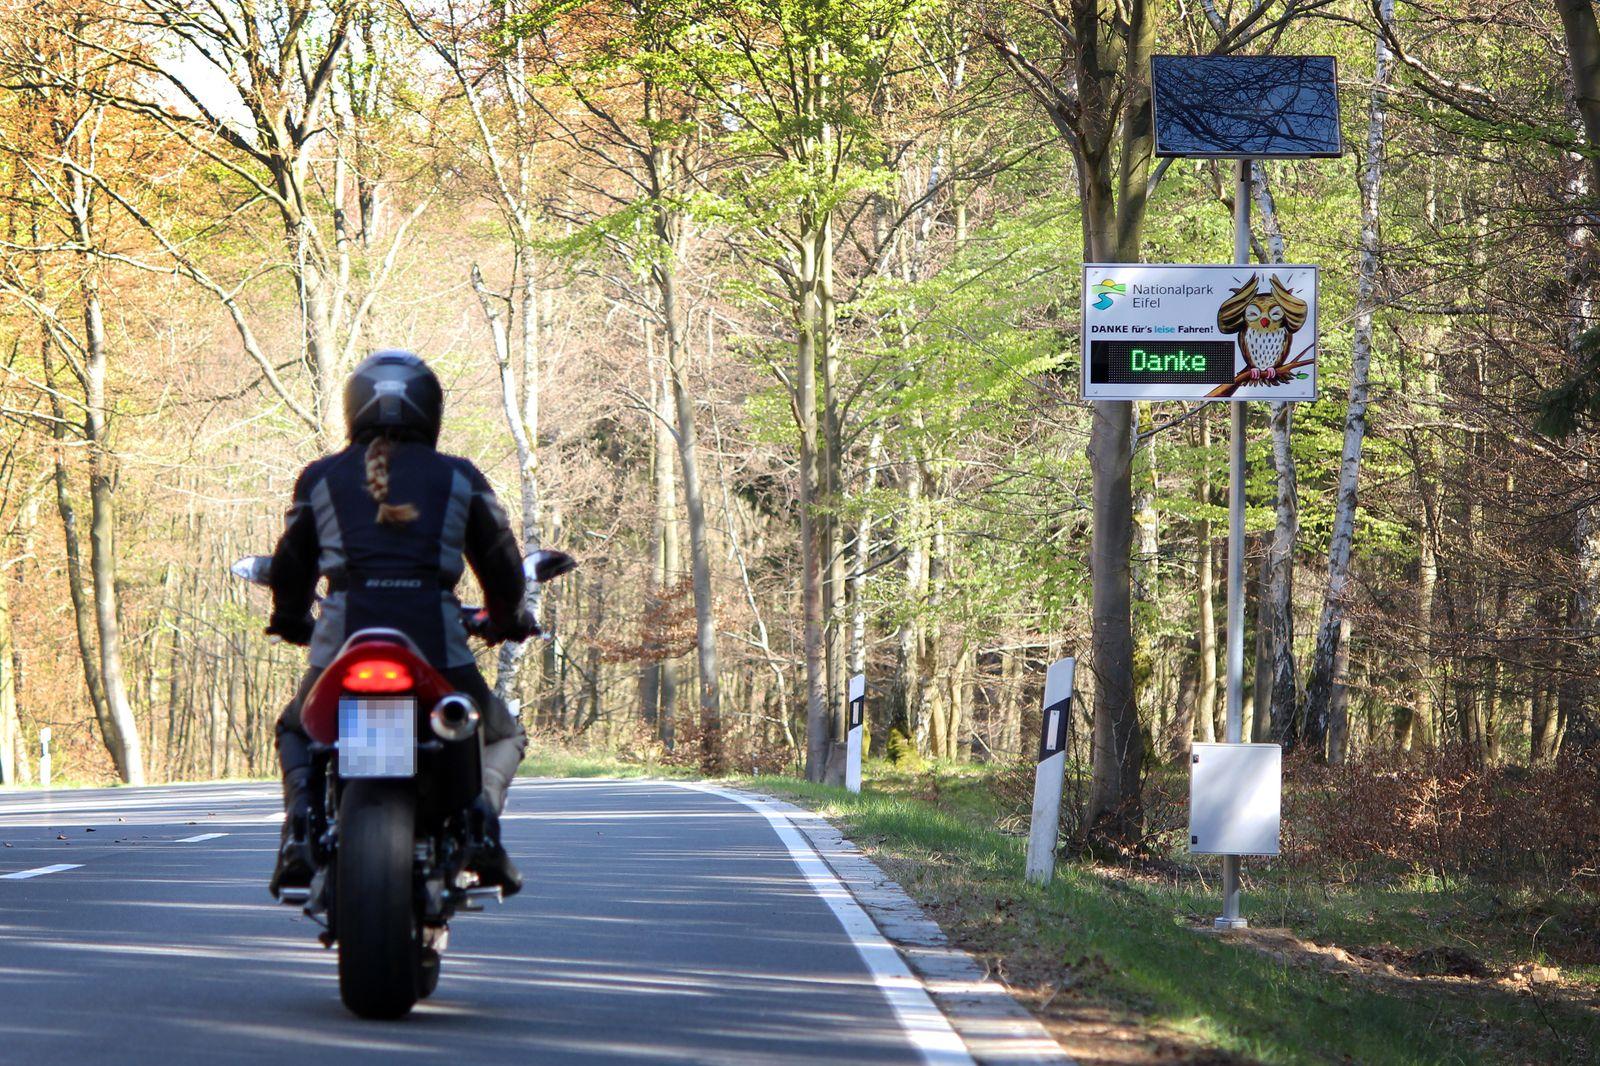 Aktionsbündnis Nationalpark Eifel gegen Motorradlärm